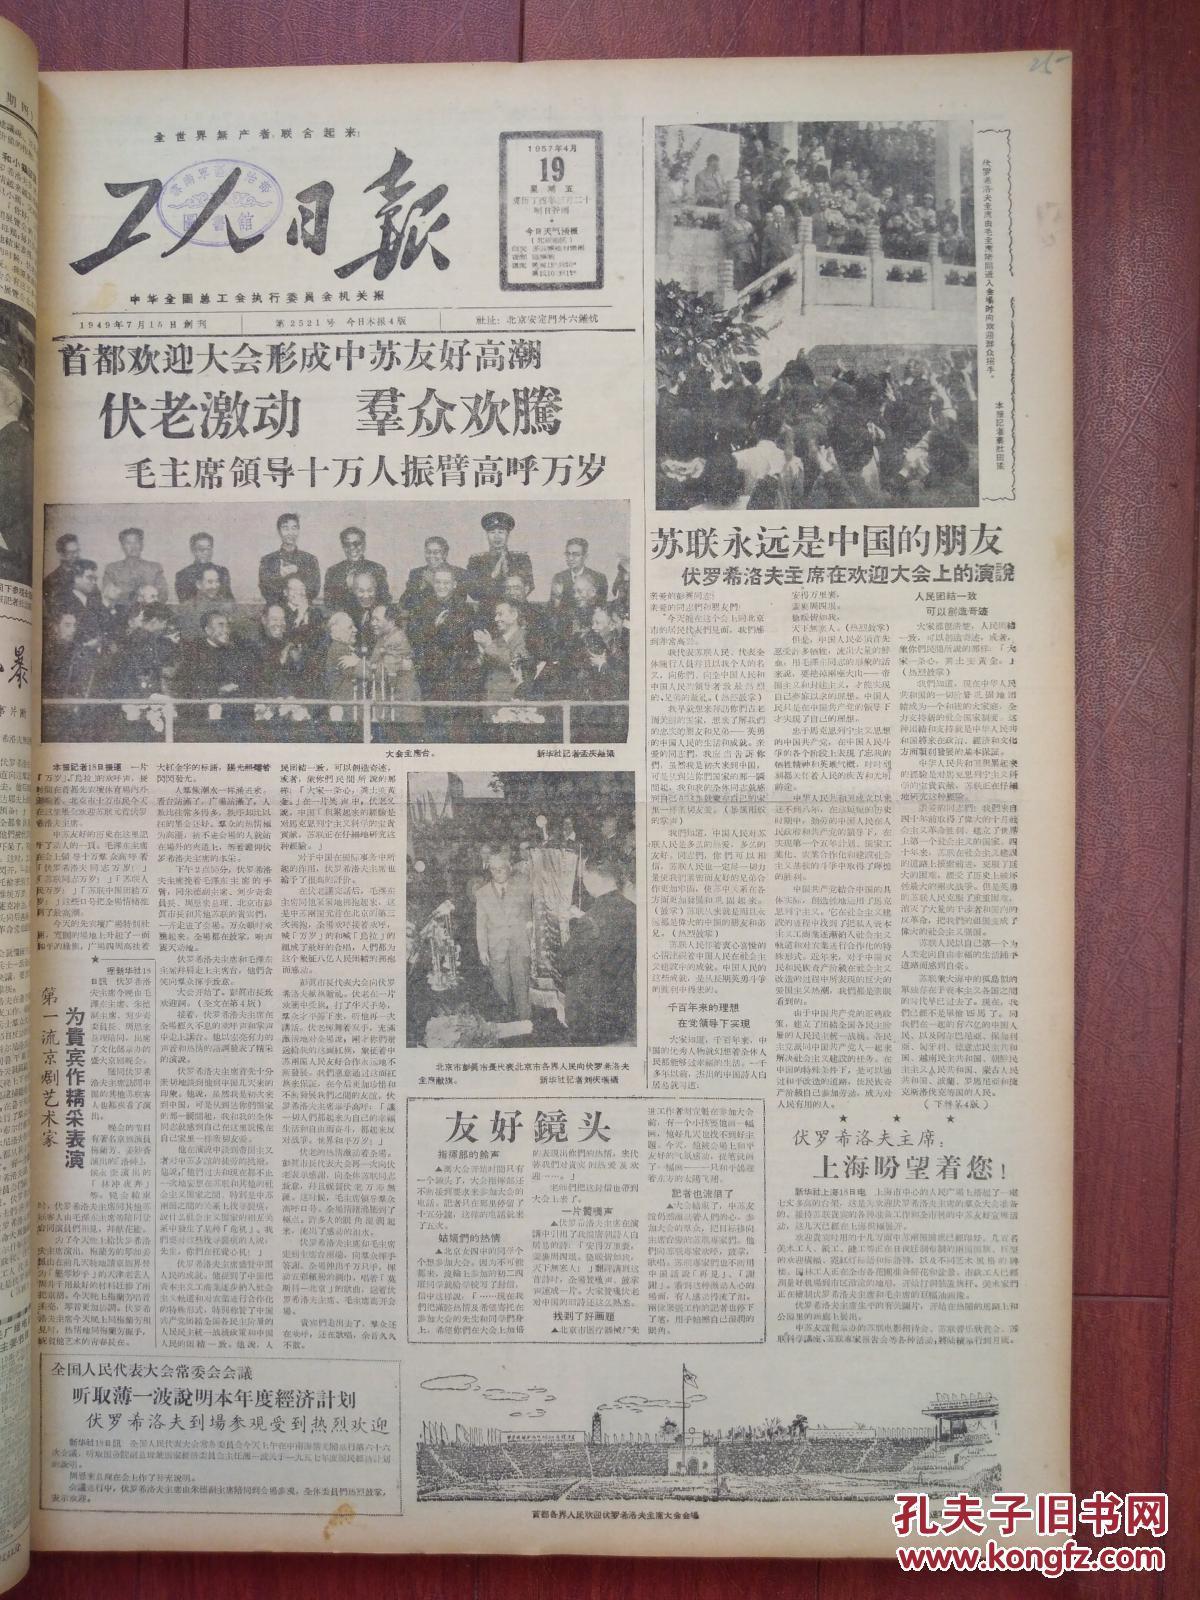 工人日报1957年4月19日首都欢迎大会毛主席振臂高呼万岁,伏罗希洛夫说苏联永远是中国的朋友,蛇岛考察记附照片,《杏花庄》连载,盛桂珍《转变》,